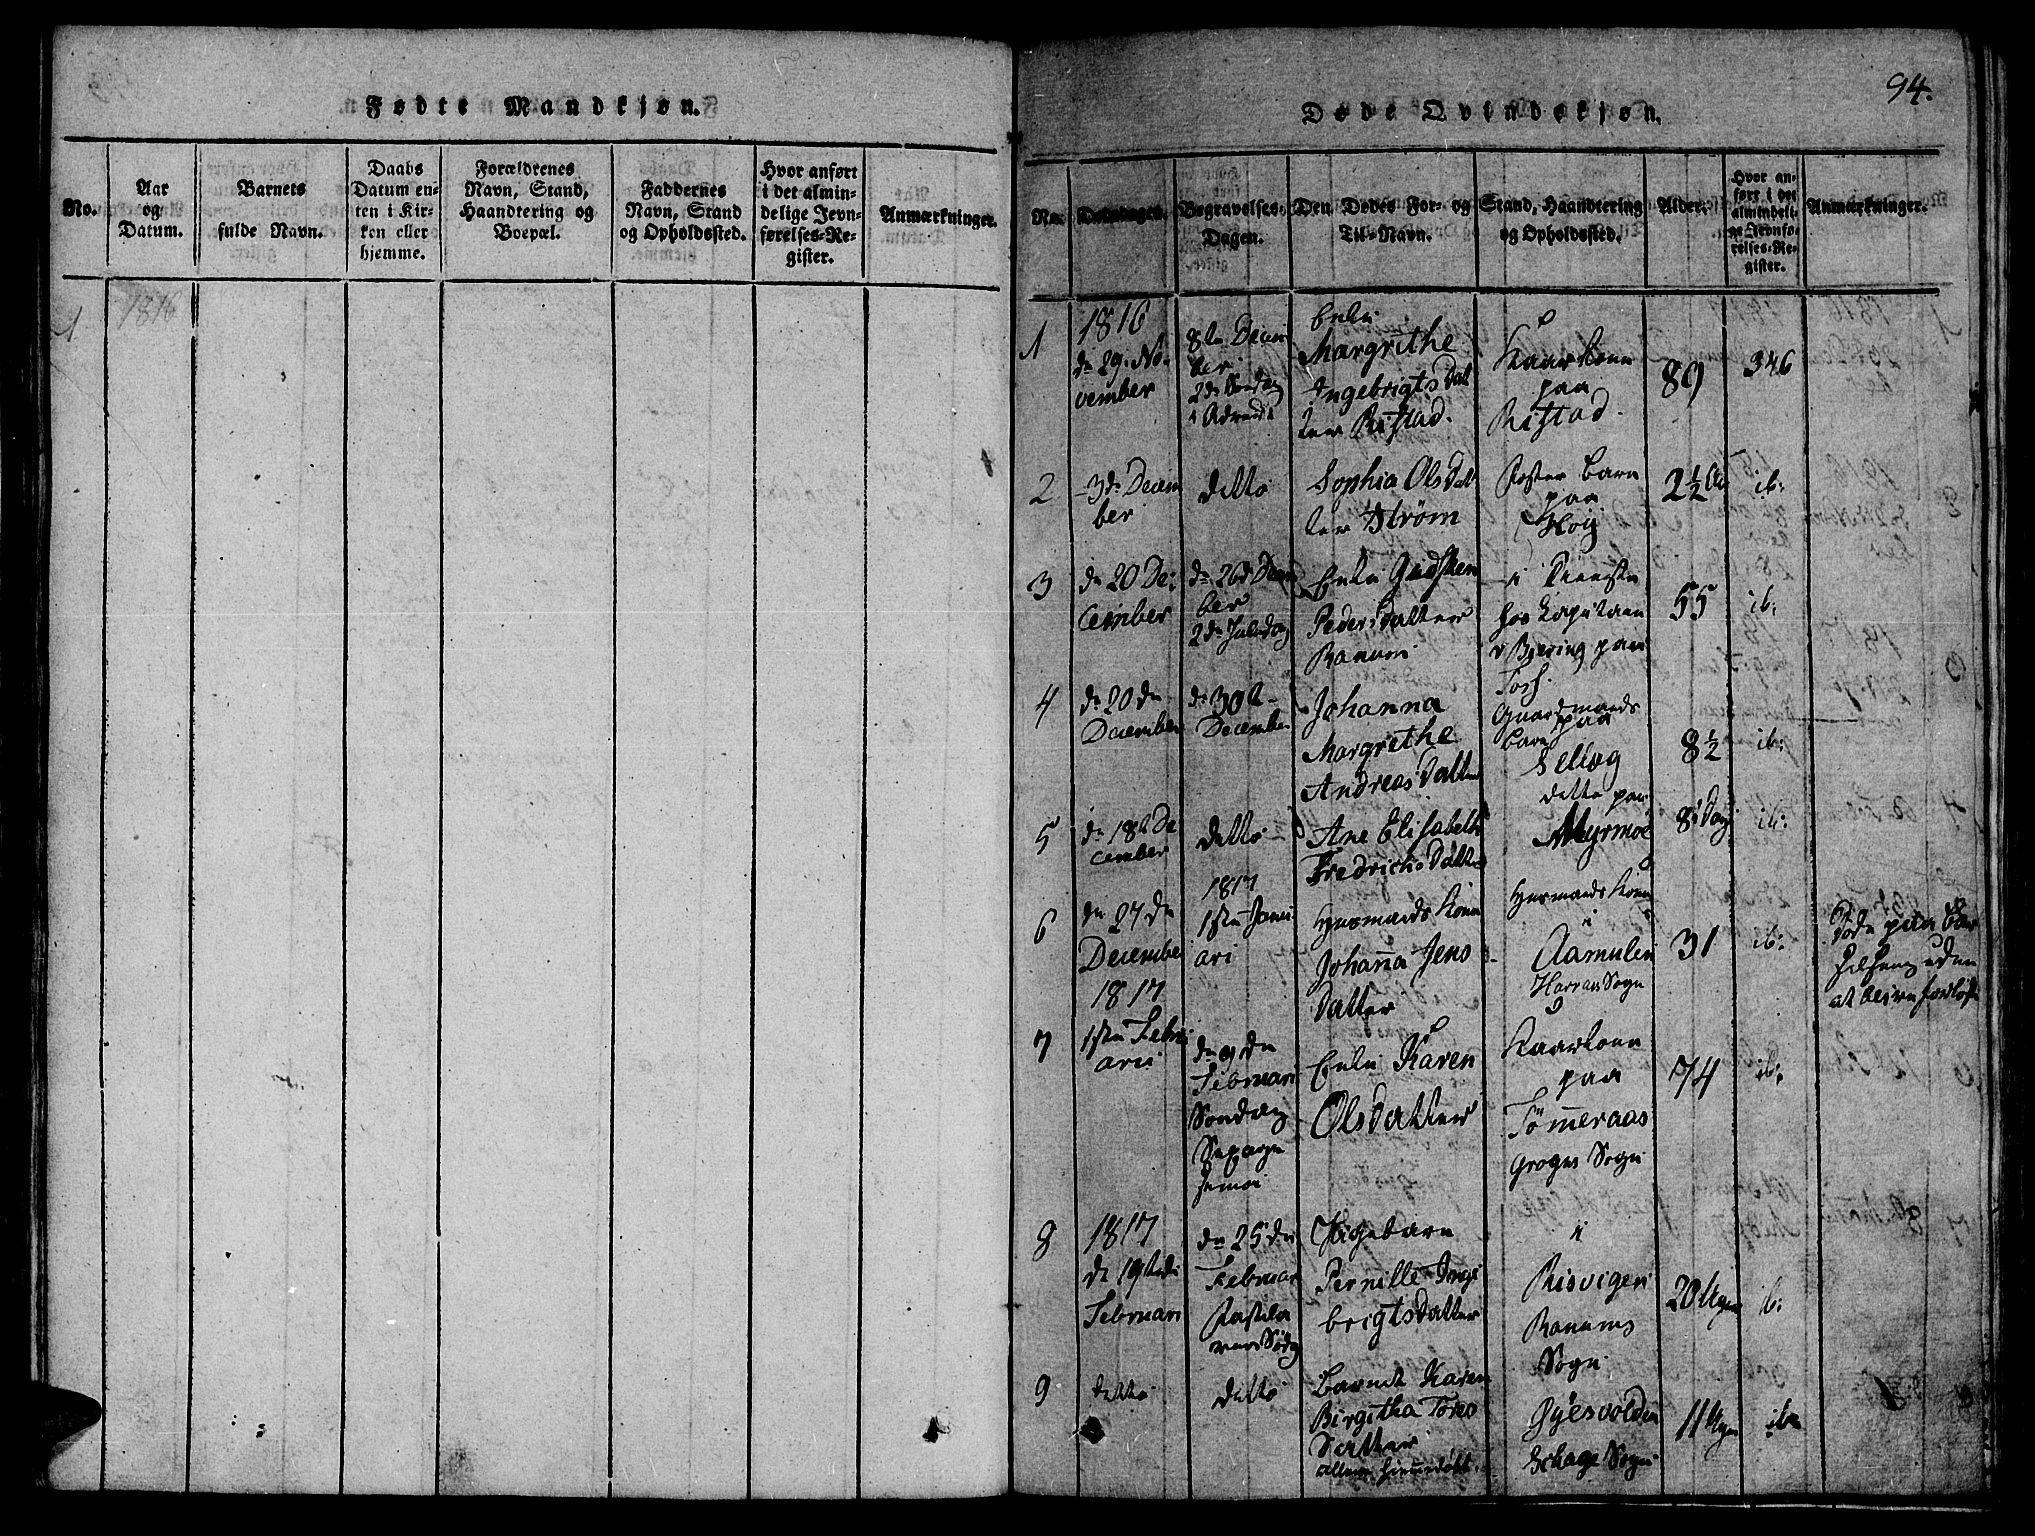 SAT, Ministerialprotokoller, klokkerbøker og fødselsregistre - Nord-Trøndelag, 764/L0546: Ministerialbok nr. 764A06 /1, 1816-1823, s. 94